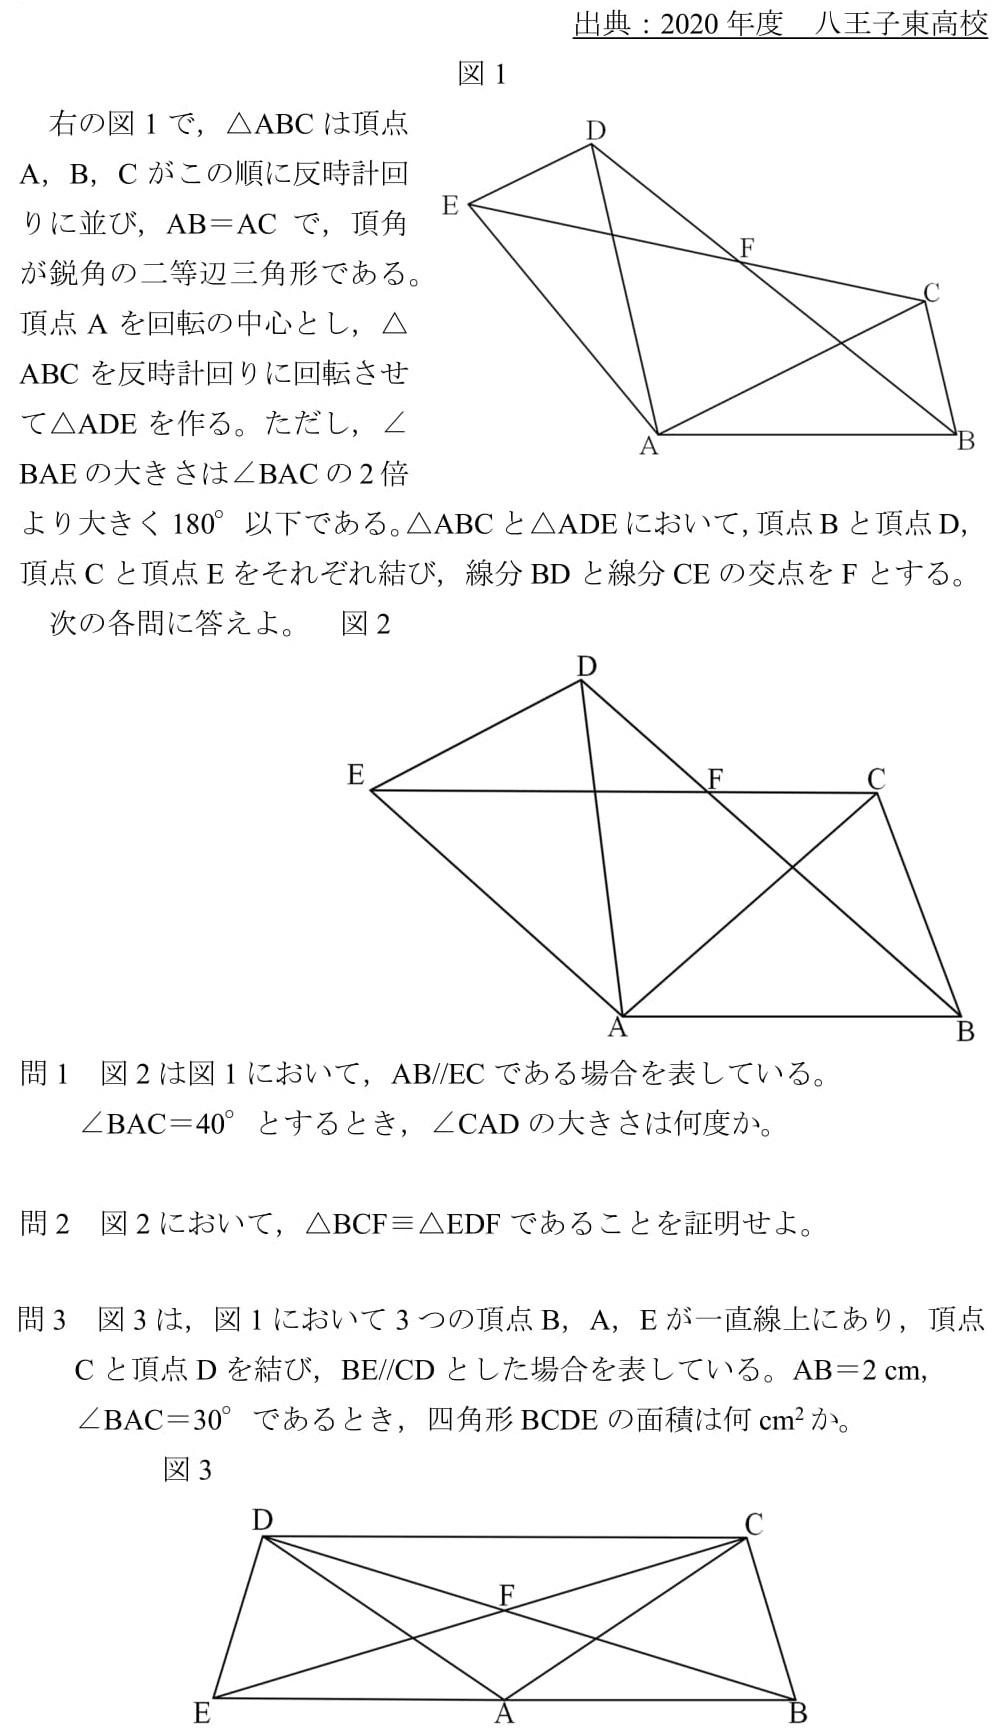 2020 八王子東 過去問 数学 良問 難問 図形 証明 解答 解説